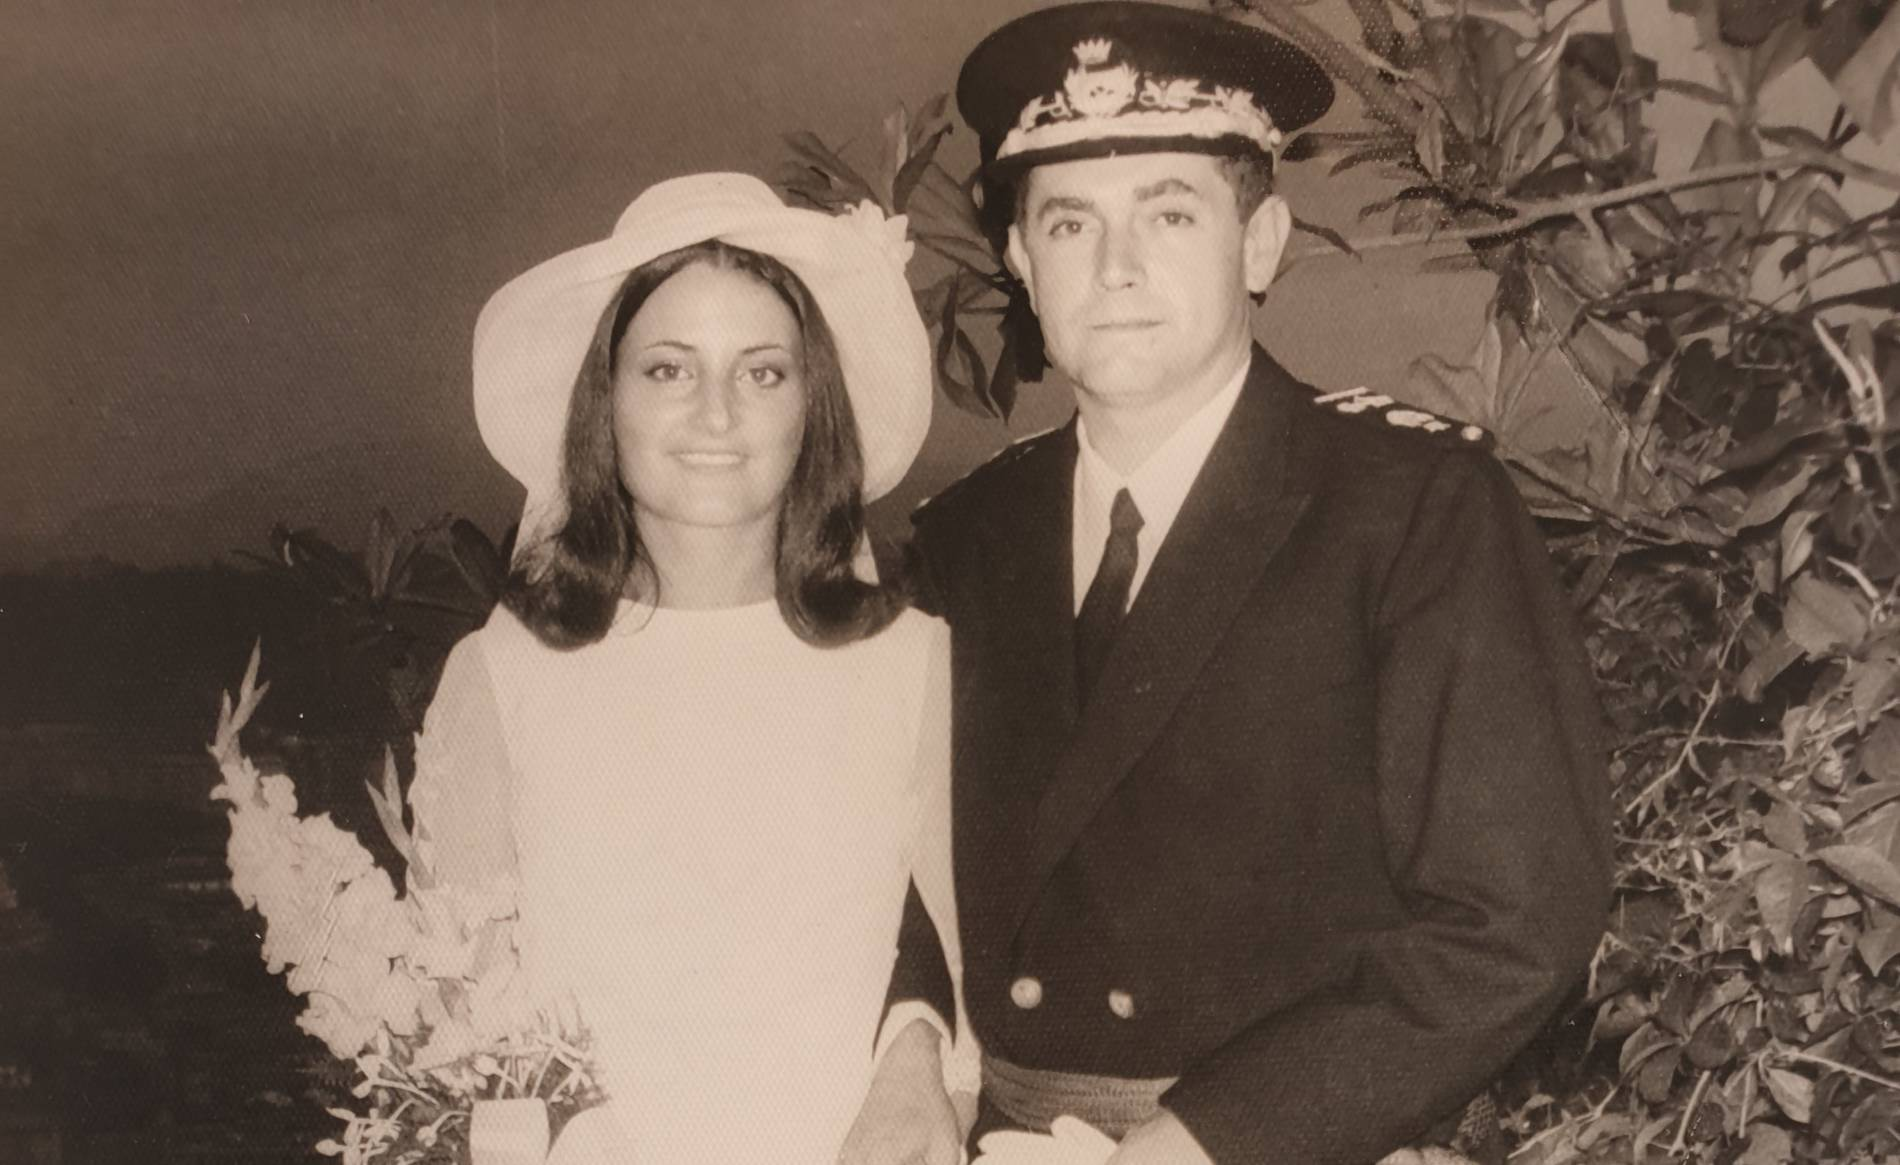 Foto de la Boda de Jesús Mª Moreno y Mª Natividad Aramburu (5 de julio de 1969).